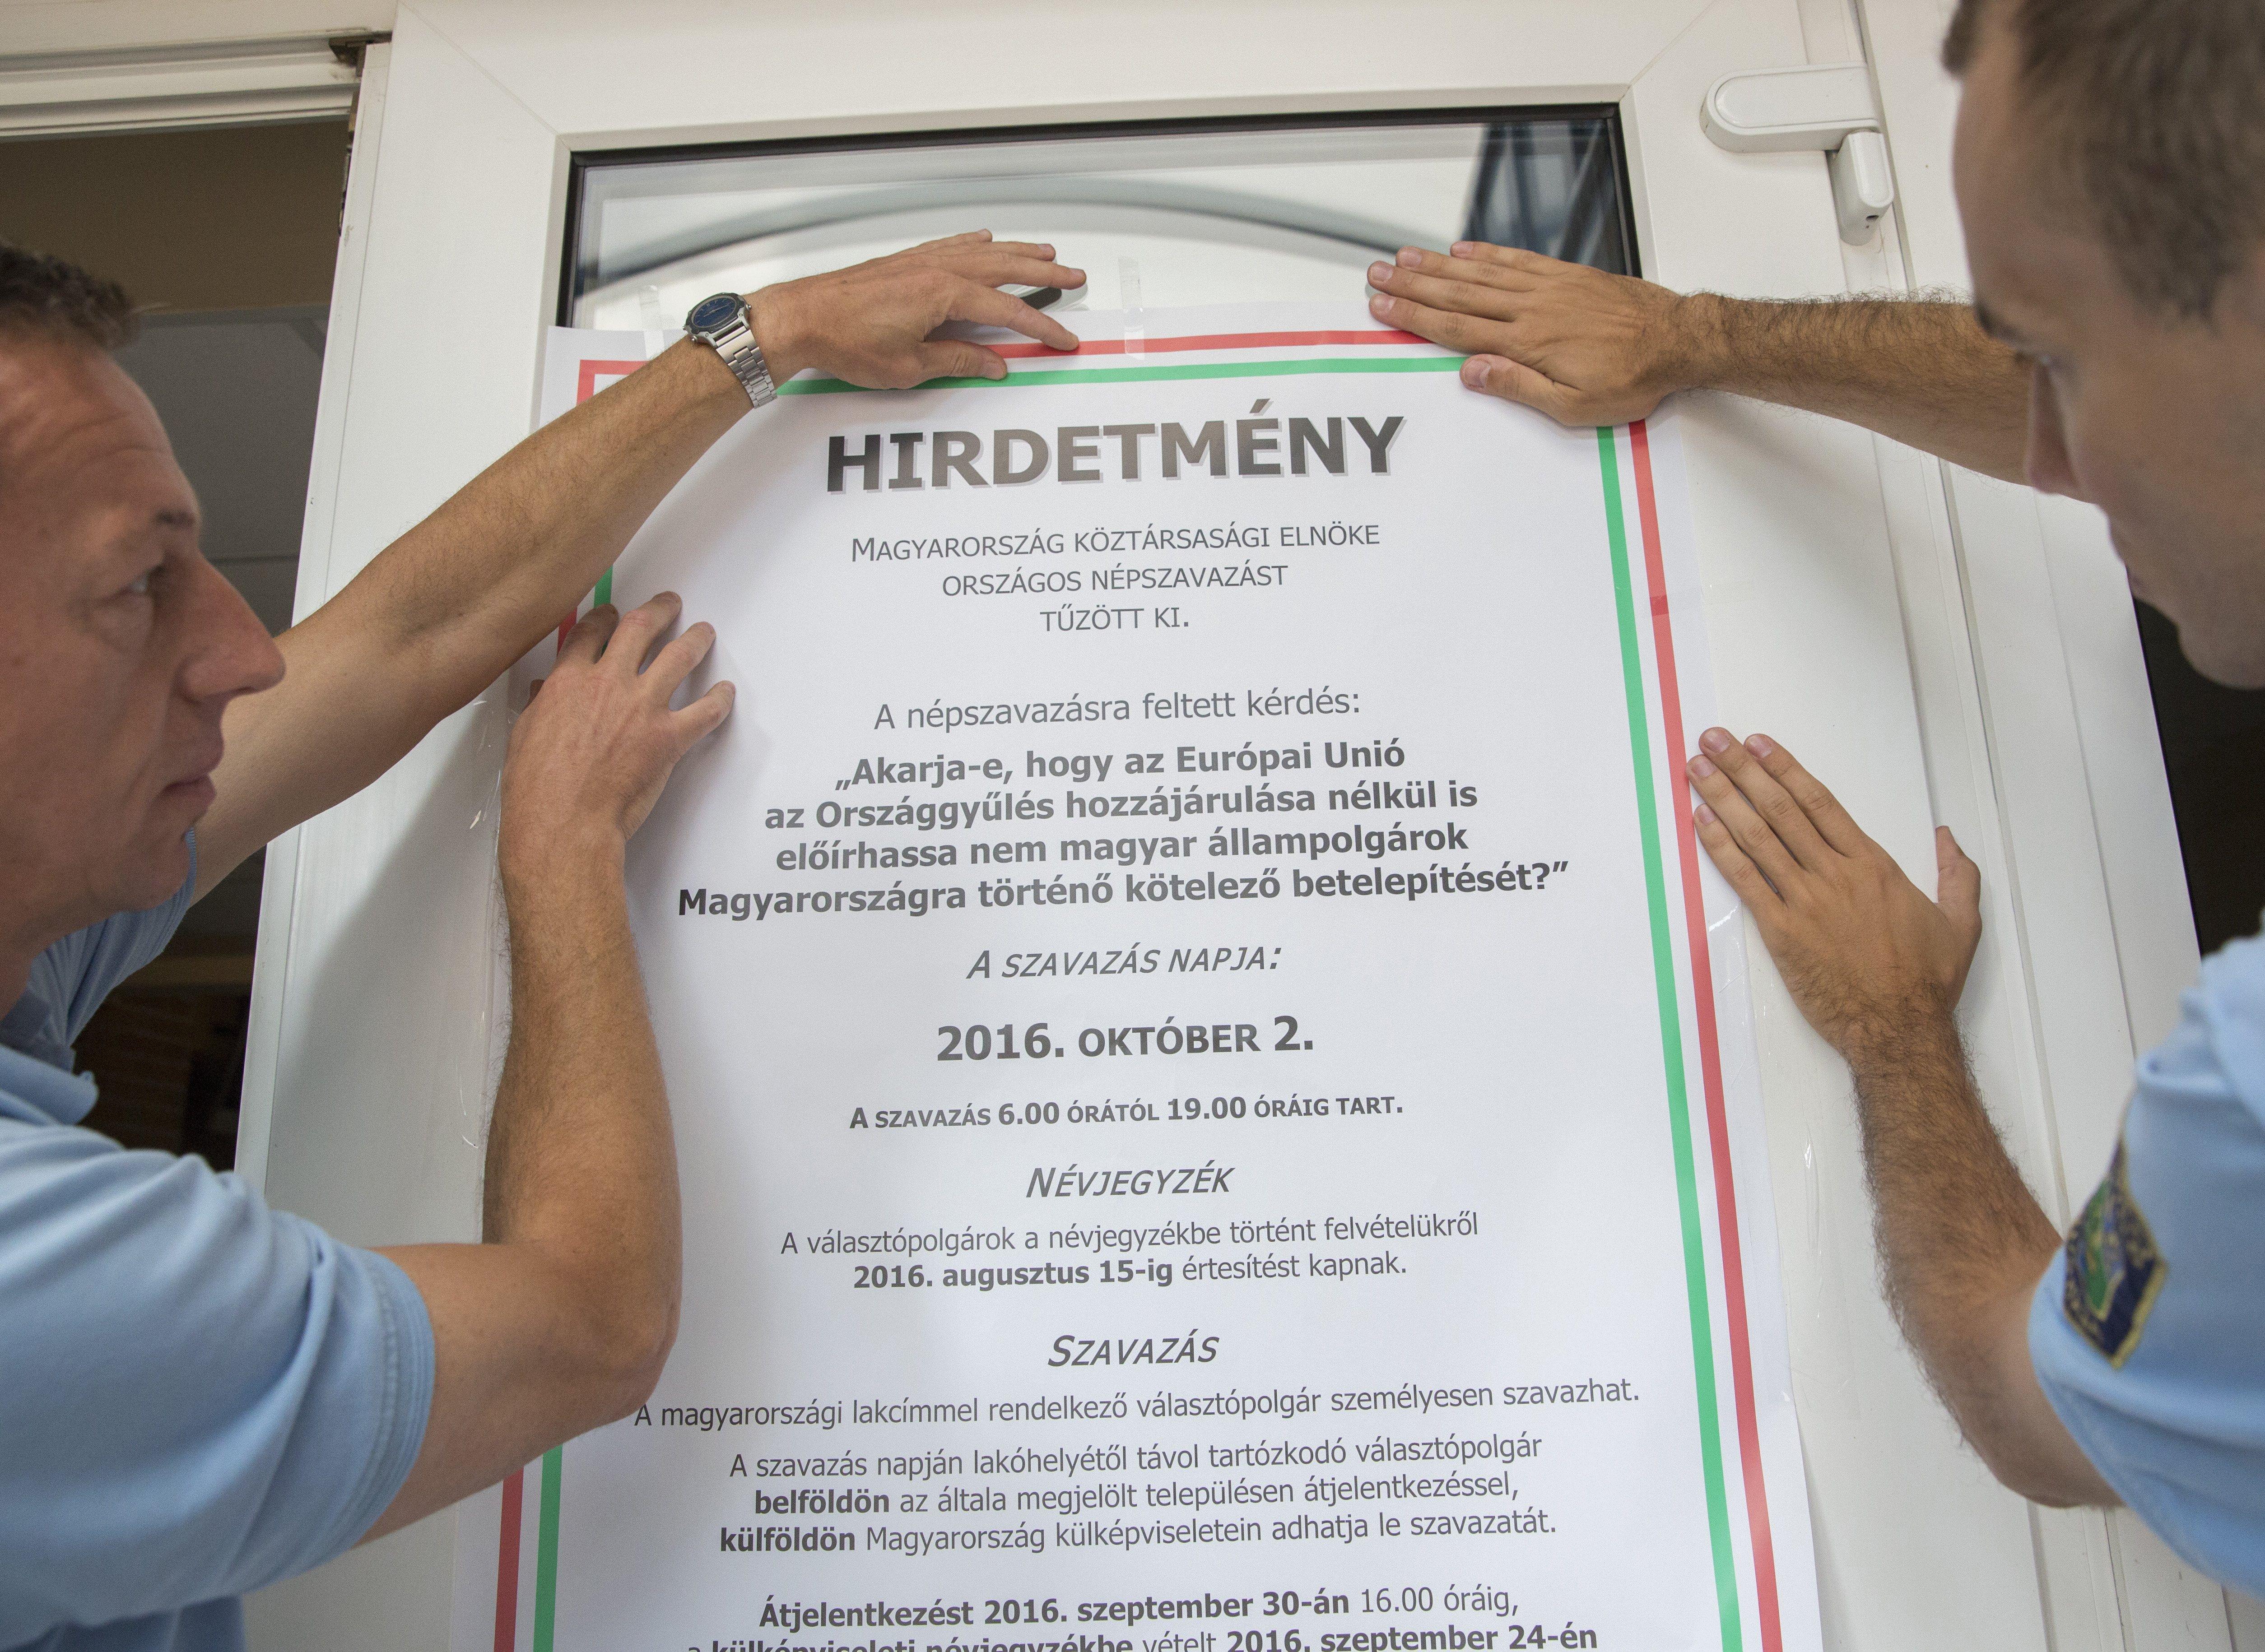 Magyar Nemzet: Börtönviseltek is vásárolhattak letelepedési kötvényt